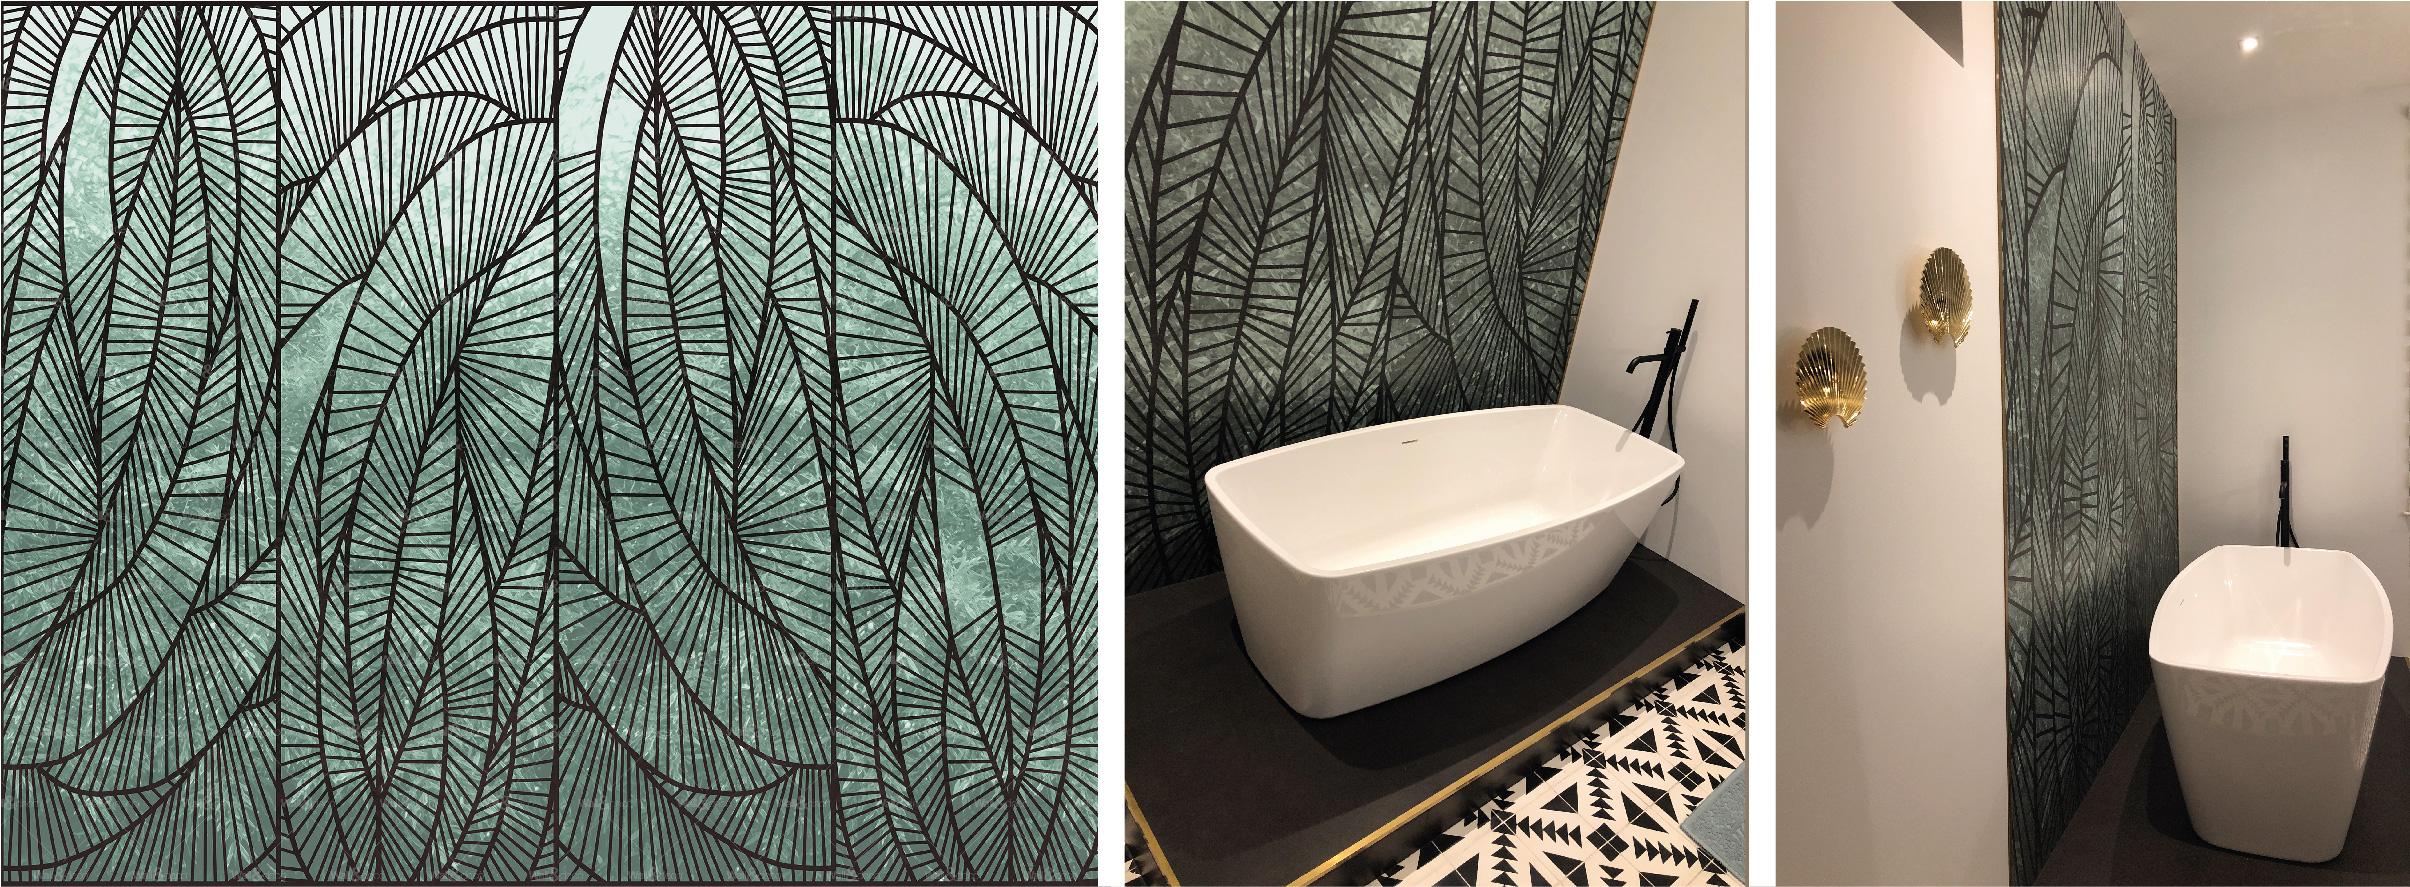 """Papier peint """"Wet System"""" par Wall & Déco"""